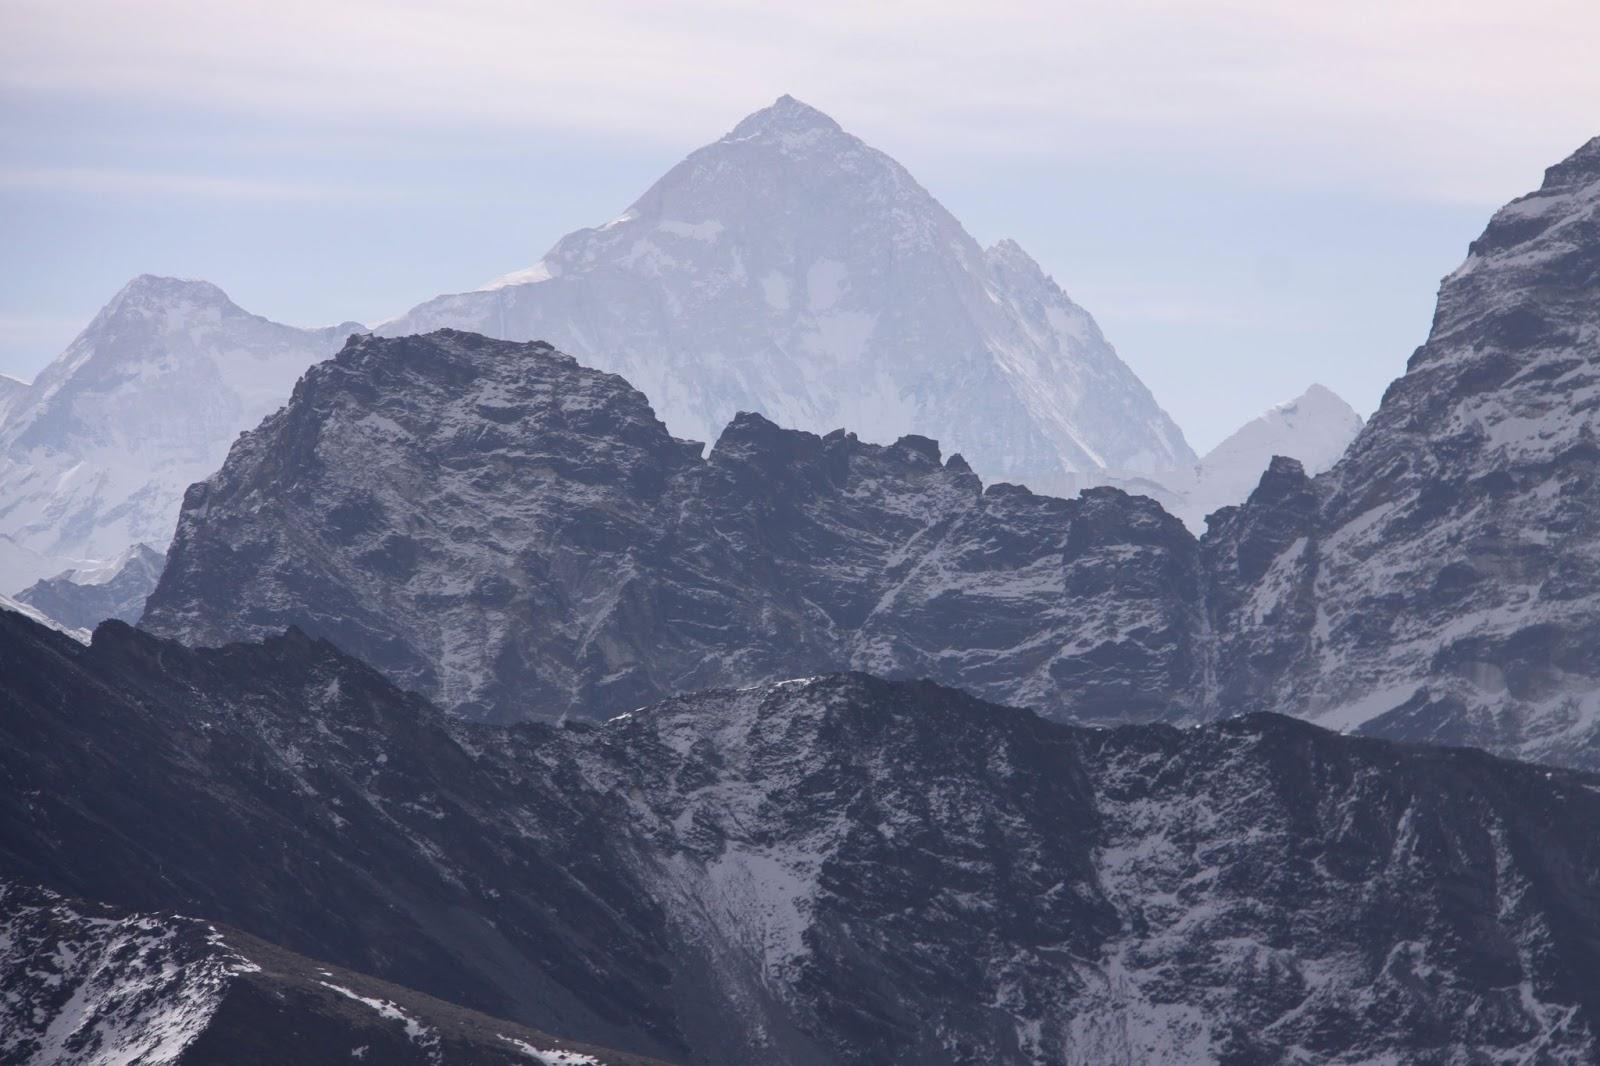 Il tetto del mondo come le formiche sull 39 himalaya a piedi ai piedi degli - Riscaldare velocemente casa montagna ...